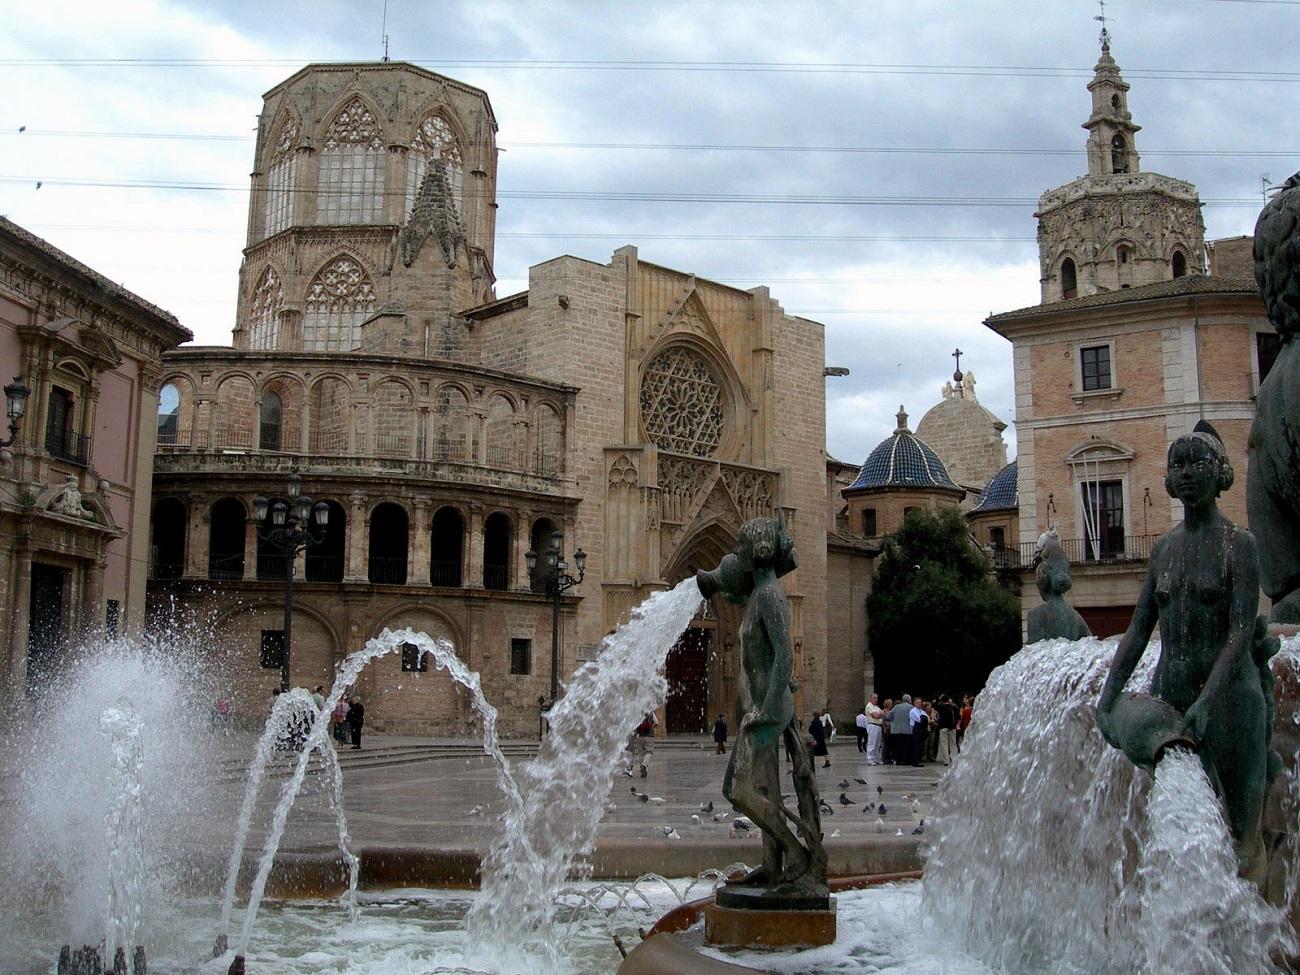 Zonele centrale ale Valenciei sunt marcate de fântâni arteziene deosebite